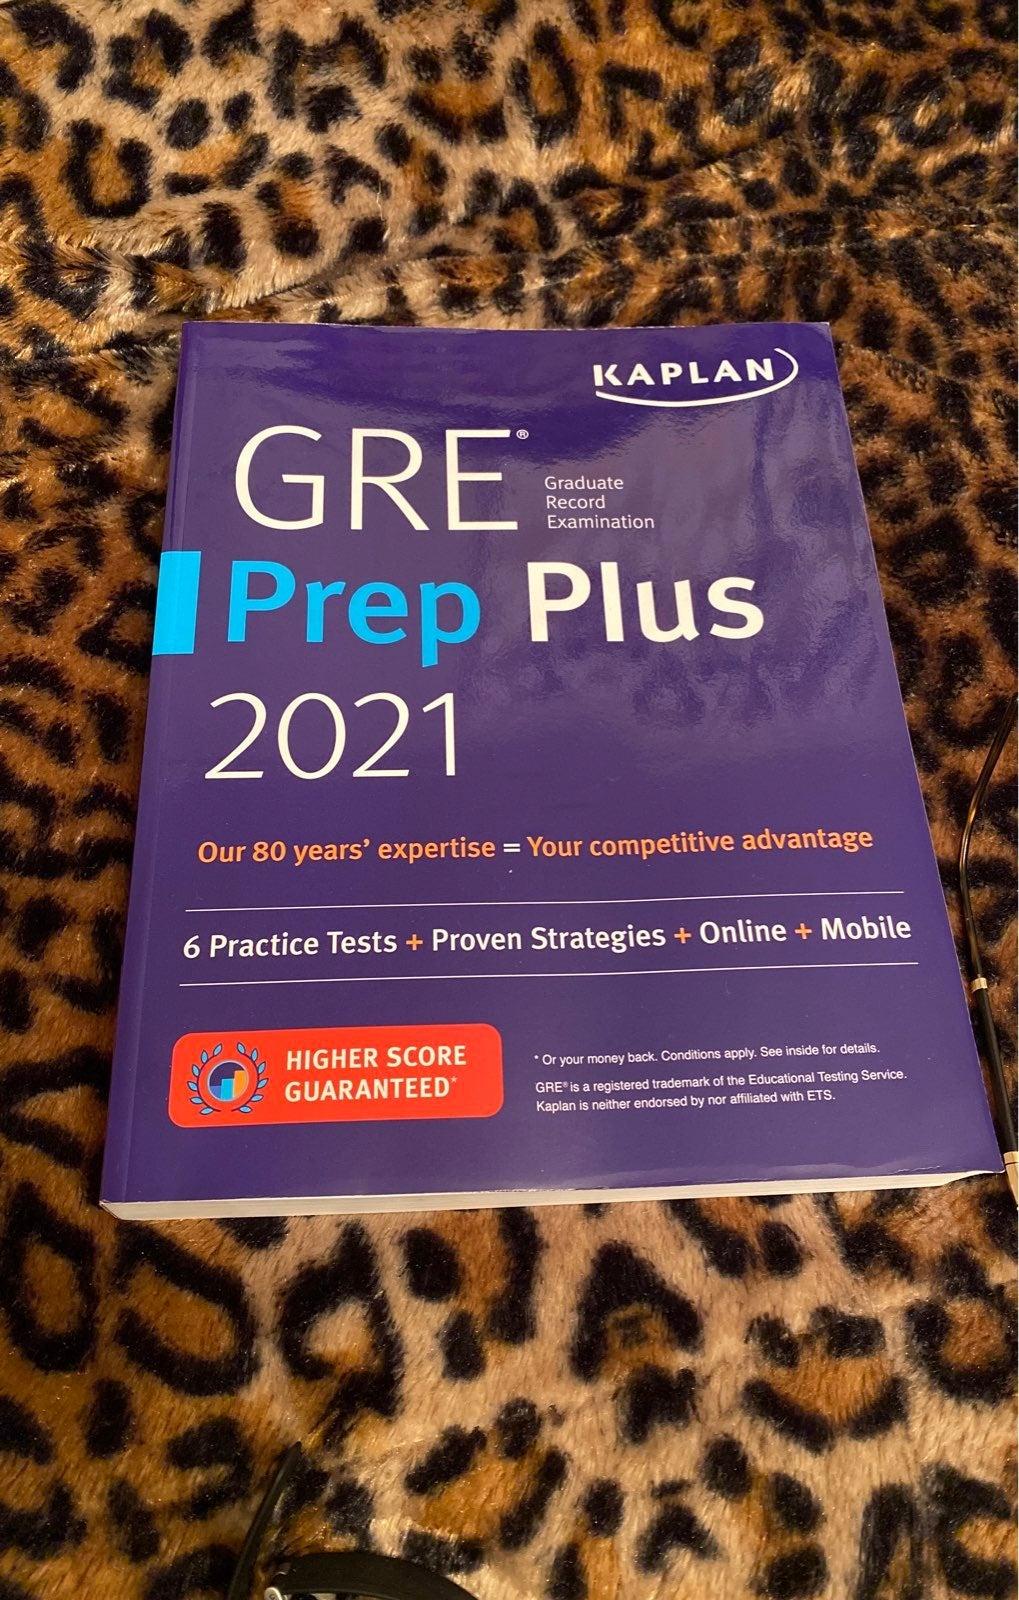 Brand new GRE 2021 prep plus book